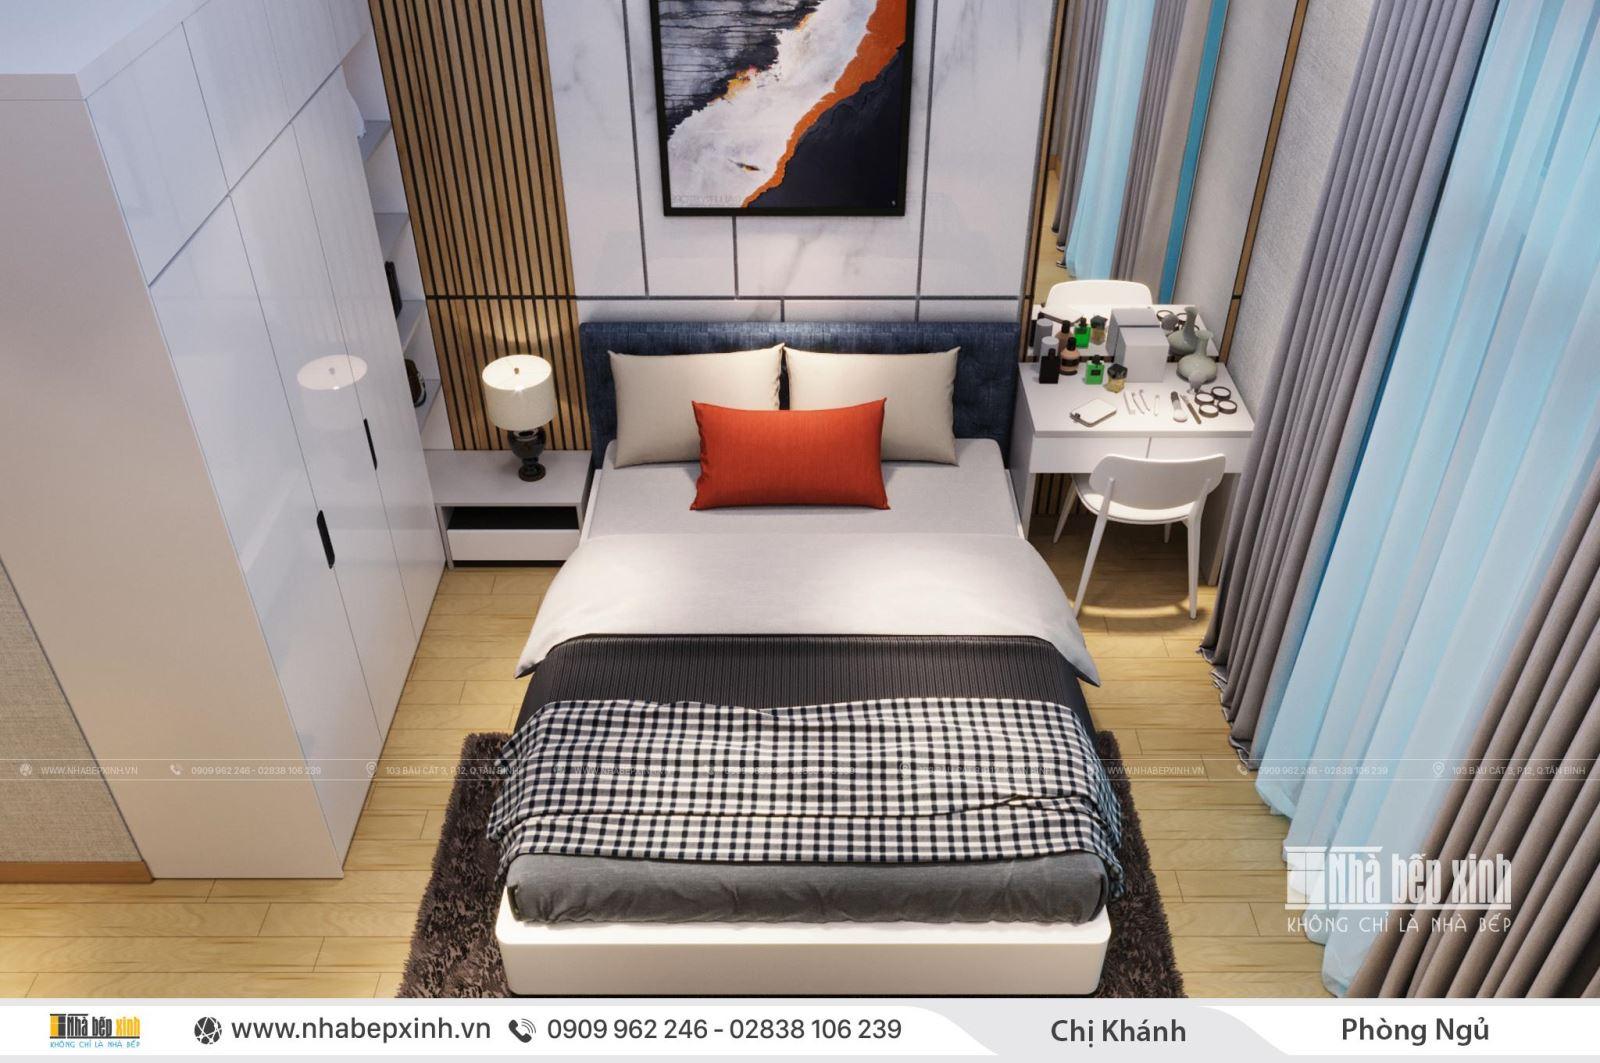 Tham khảo mẫu phòng ngủ đẹp hiện đại mới nhất